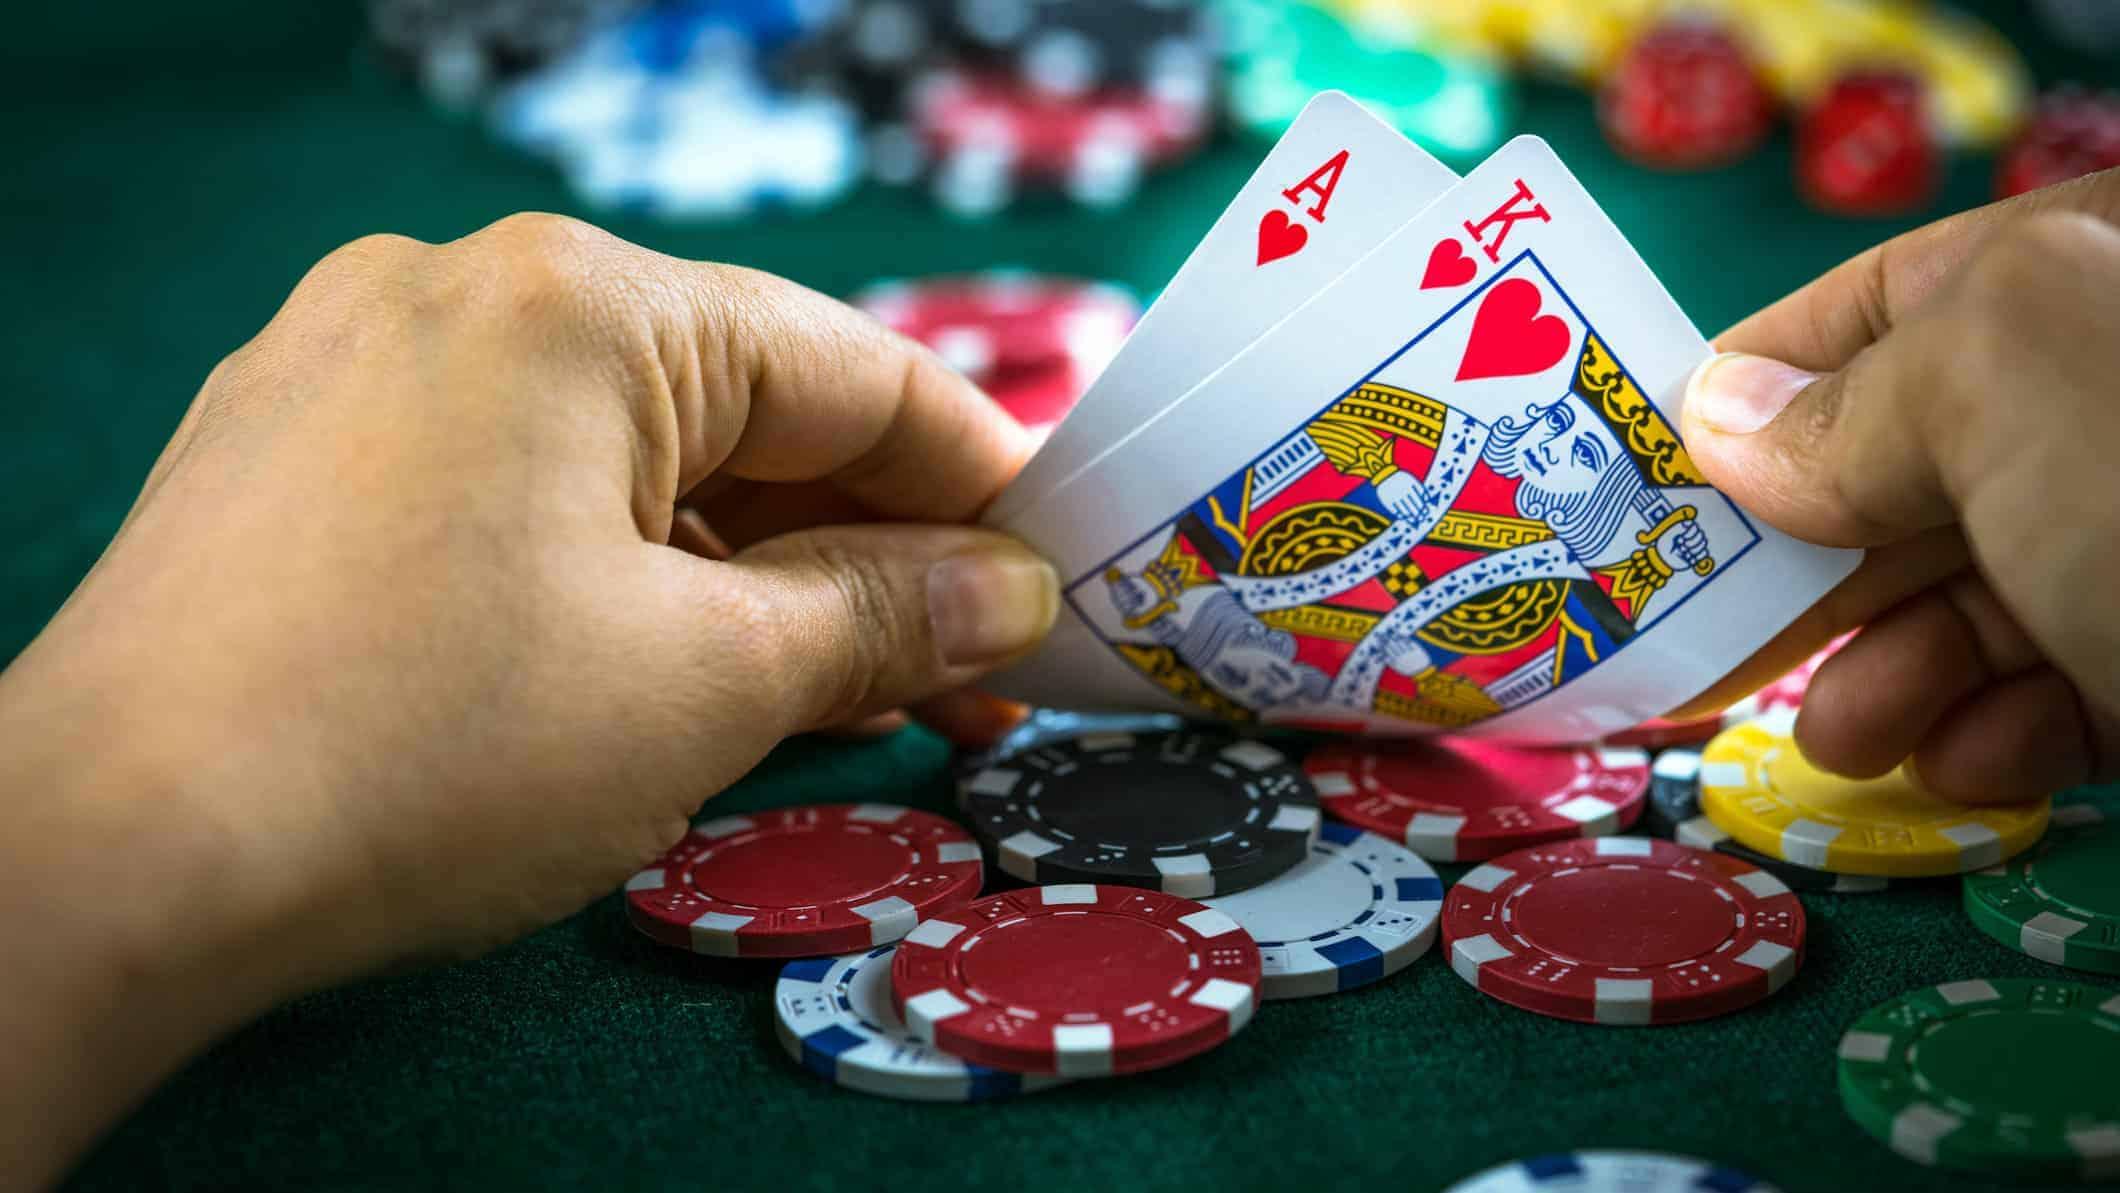 Casino Chips Winning Hand representing crown share price